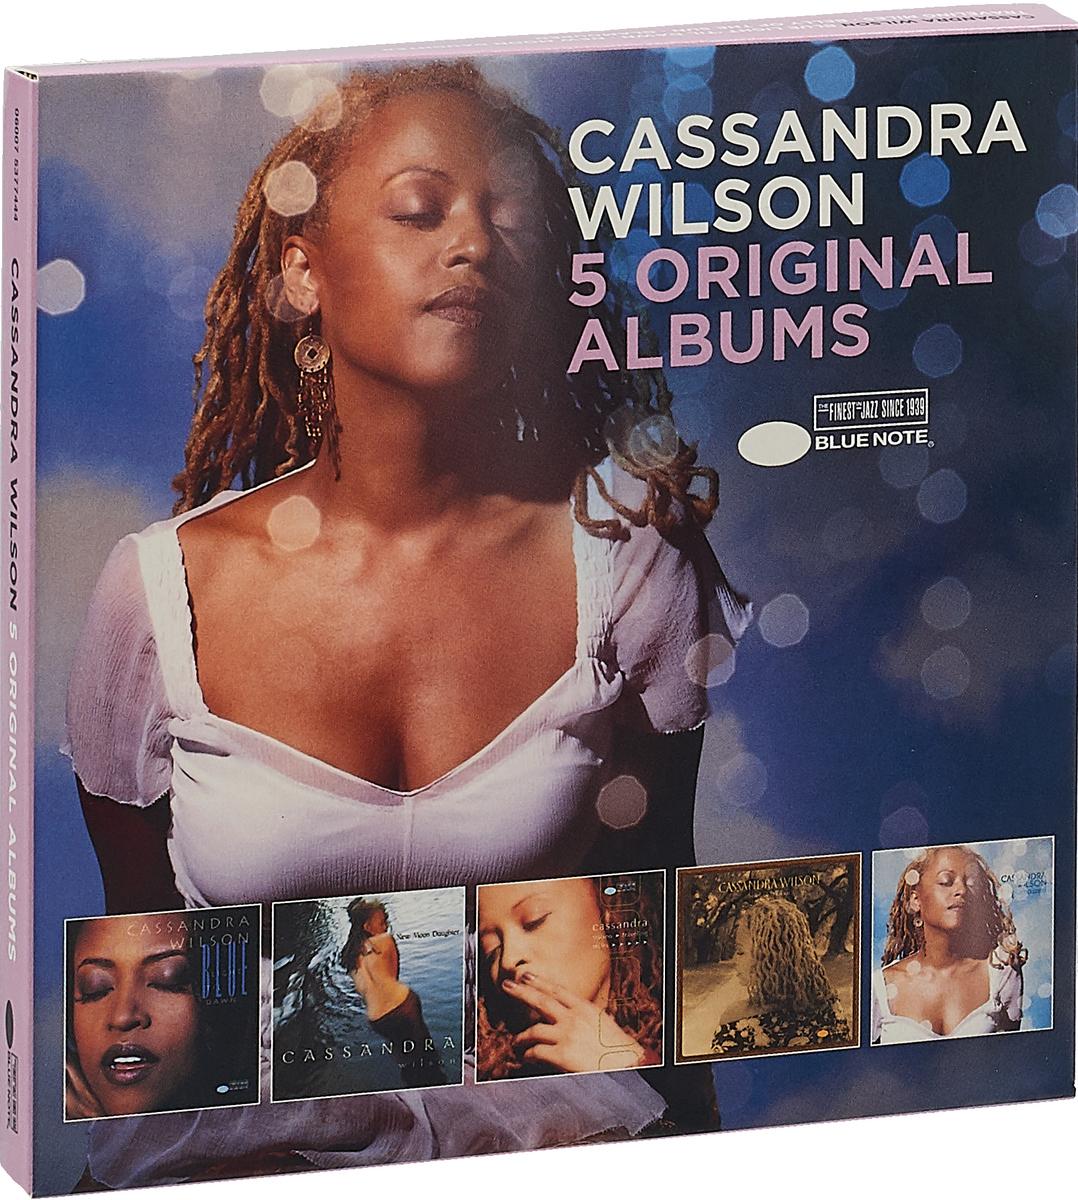 Кассандра Уилсон Wilson Cassandra. Original Albums (5 CD) cassandra wilson cassandra wilson loverly